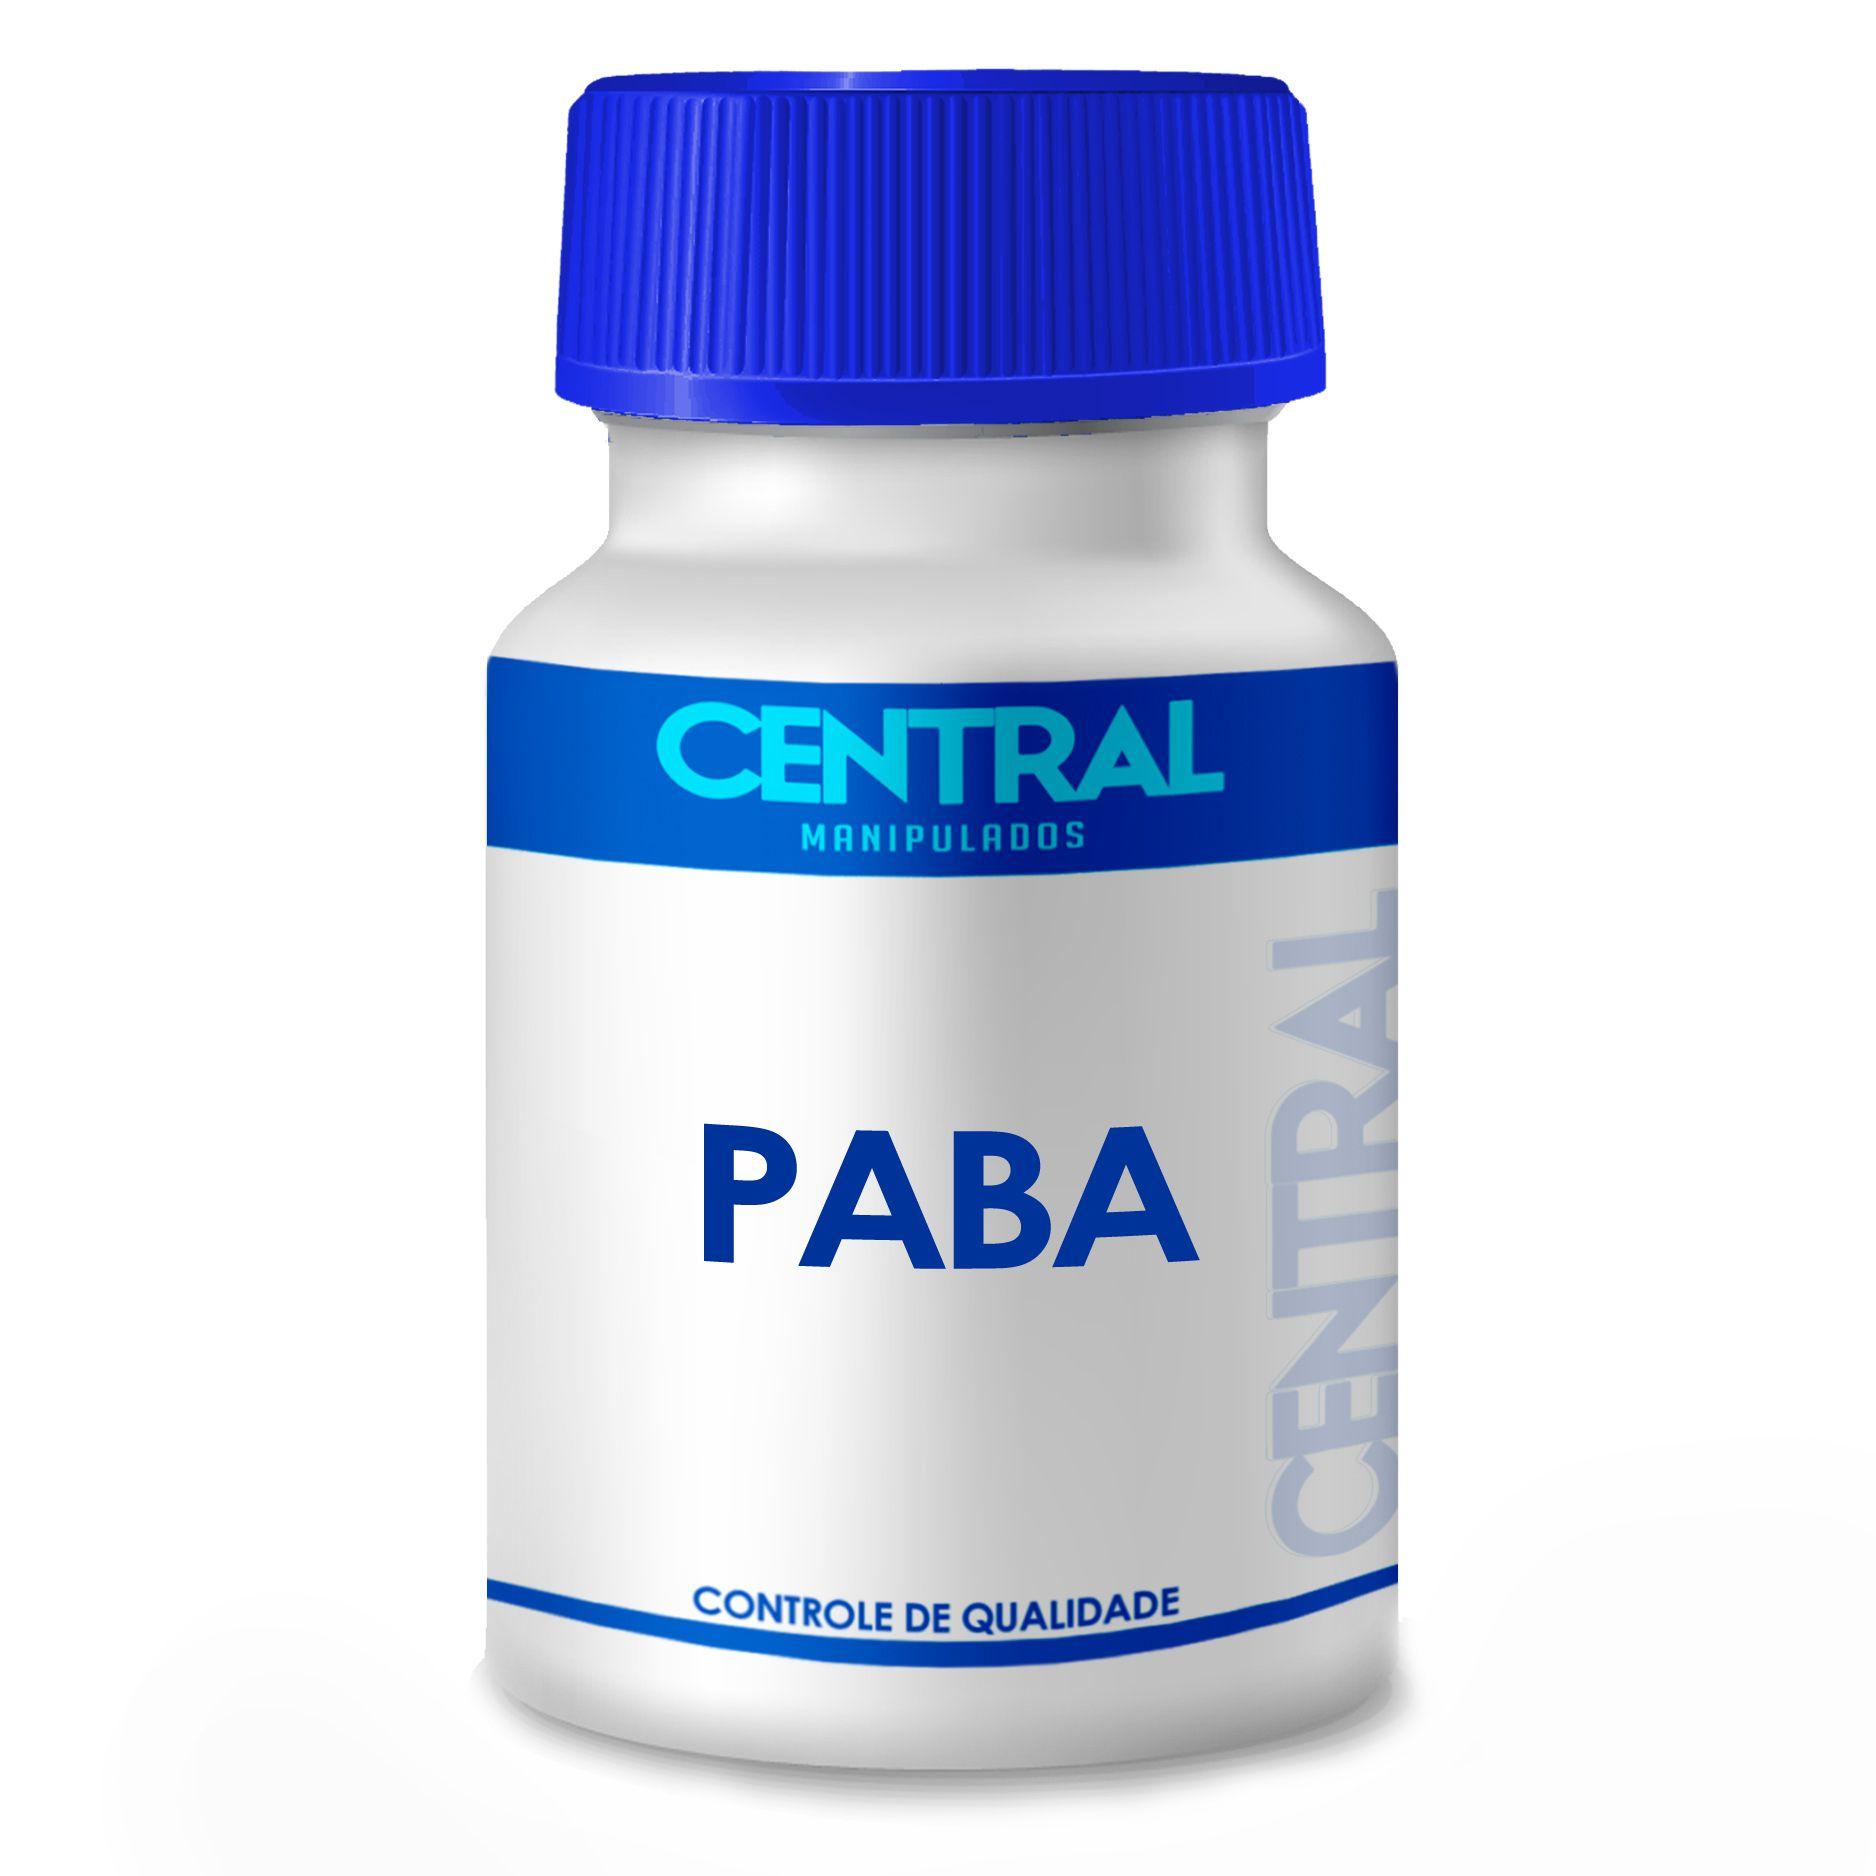 PABA (Acido Para Aminobenzóico)